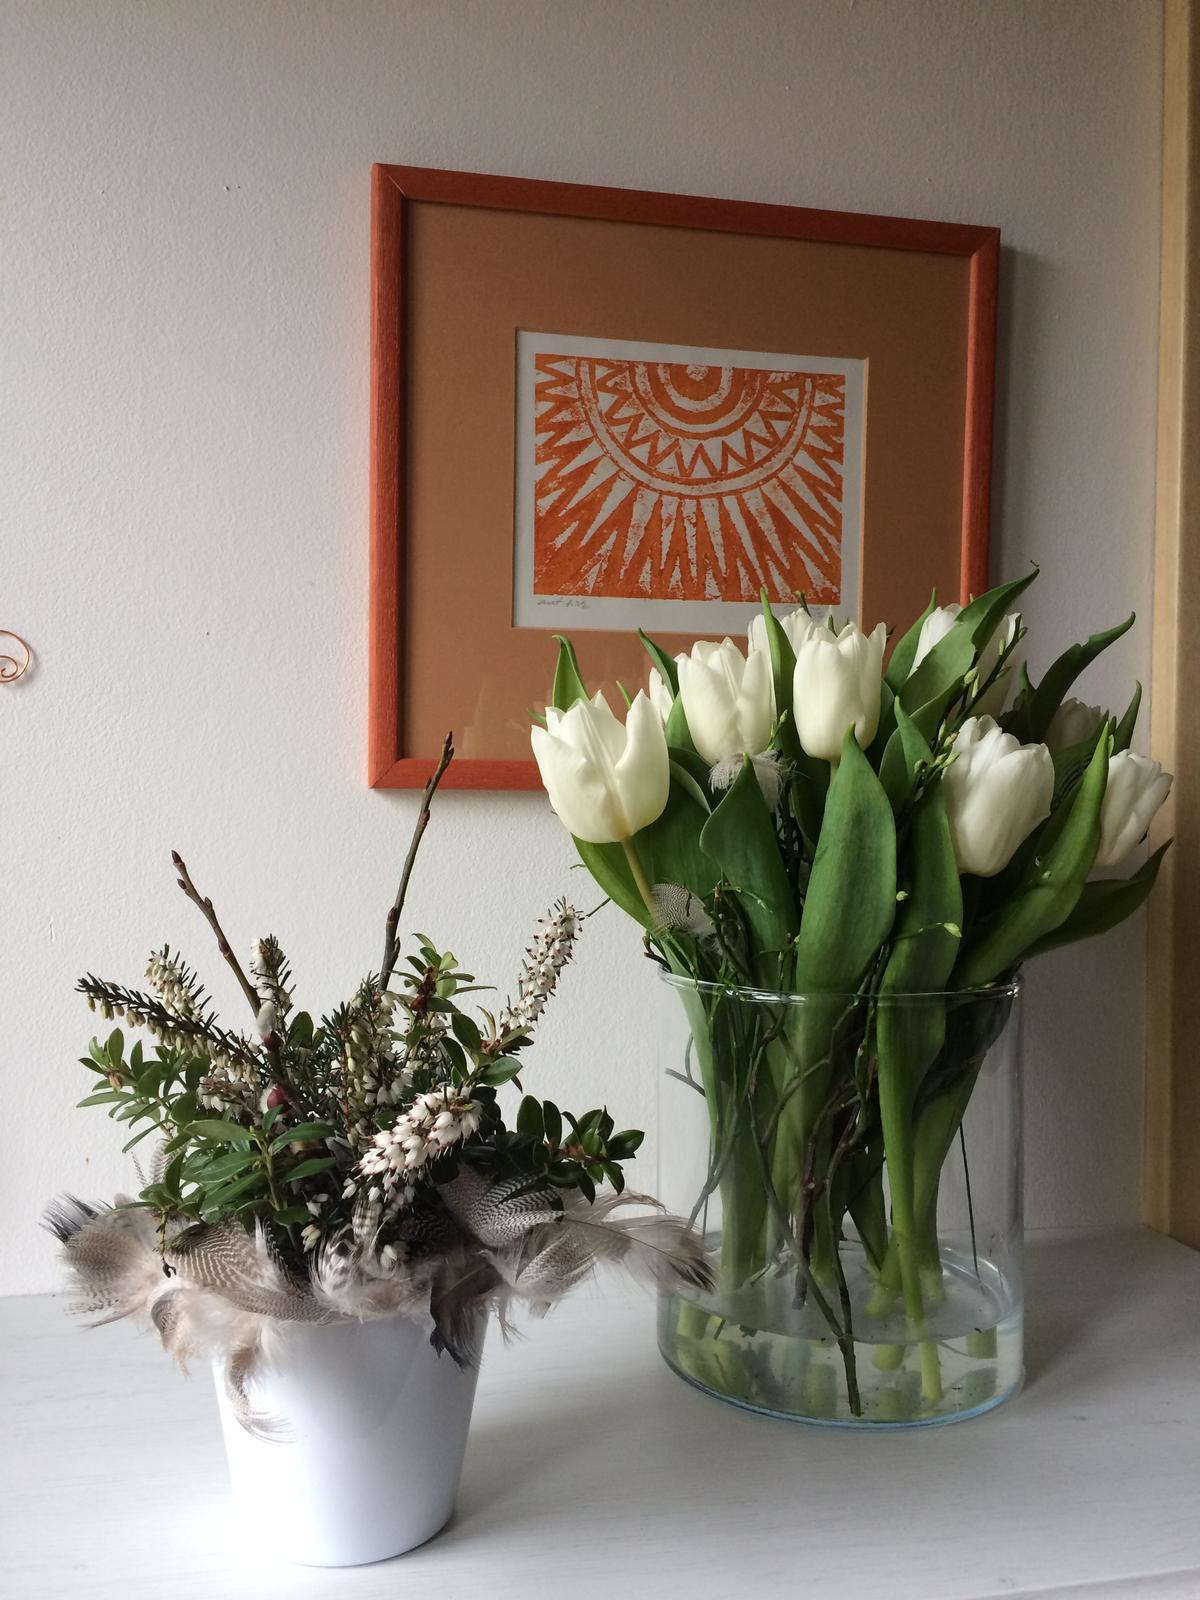 """Dekorace z květin Pro radost - Tulipány a na obrázku grafický tisk """"Slunce"""" od taťkova prabratrance"""